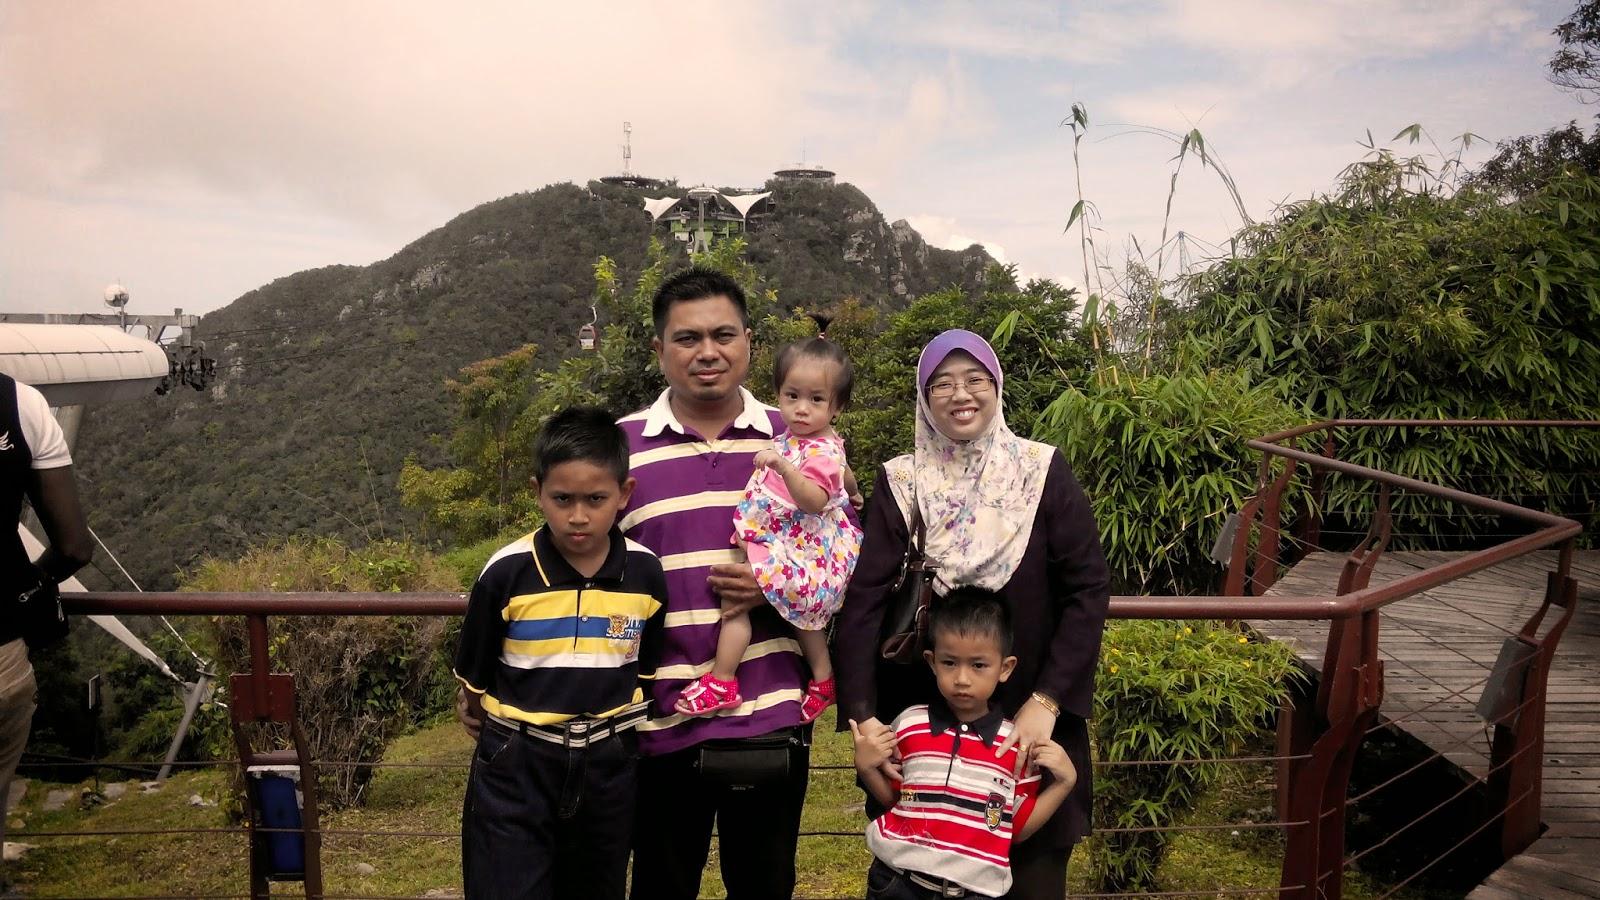 Family Cikgu Ana